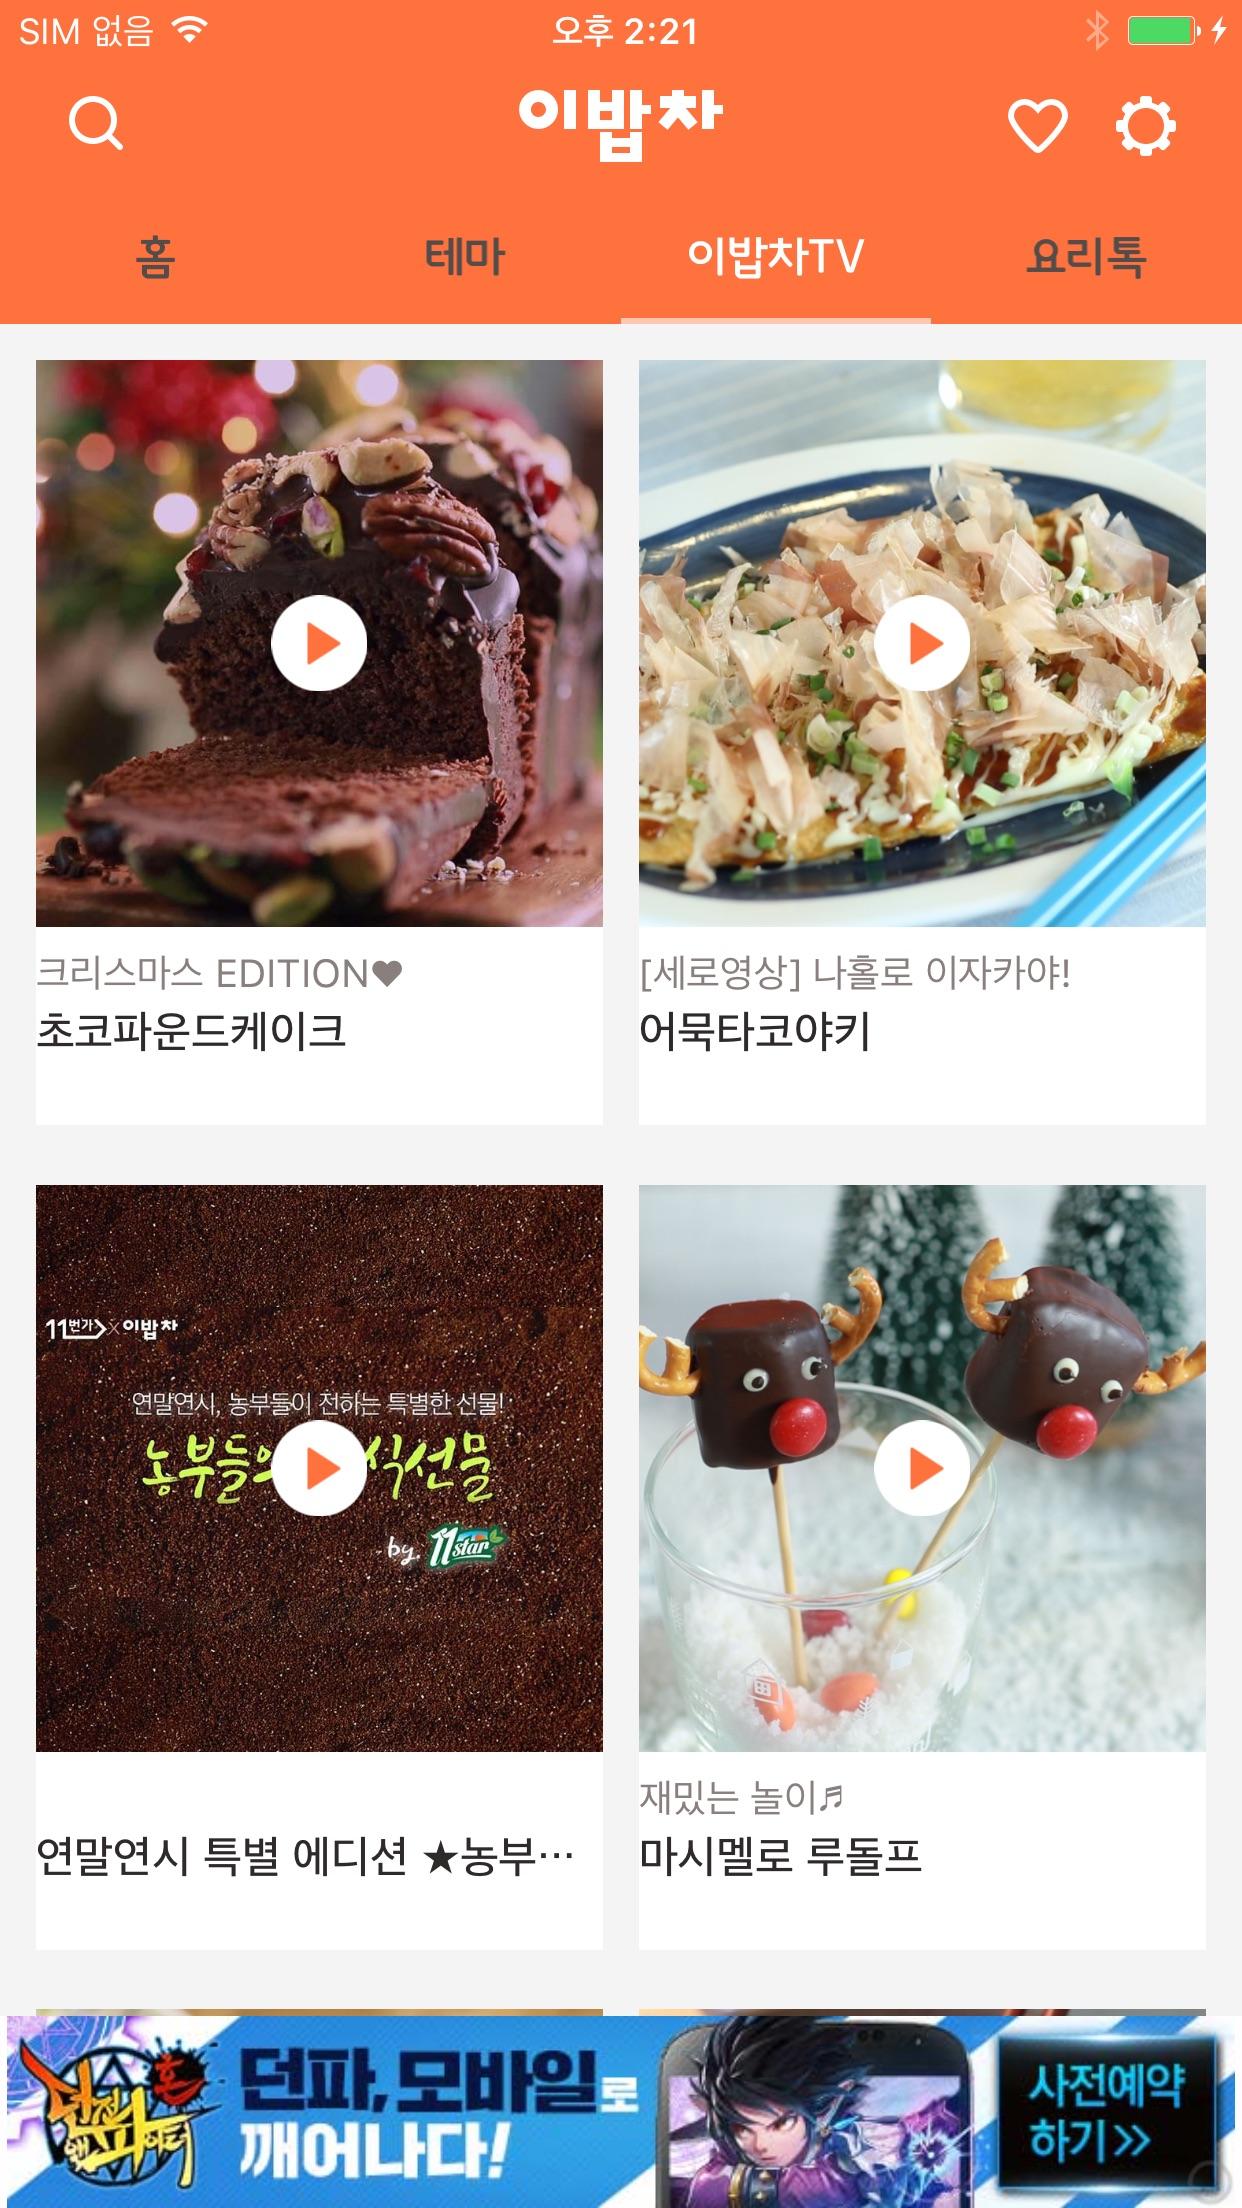 이밥차 요리 레시피 Screenshot